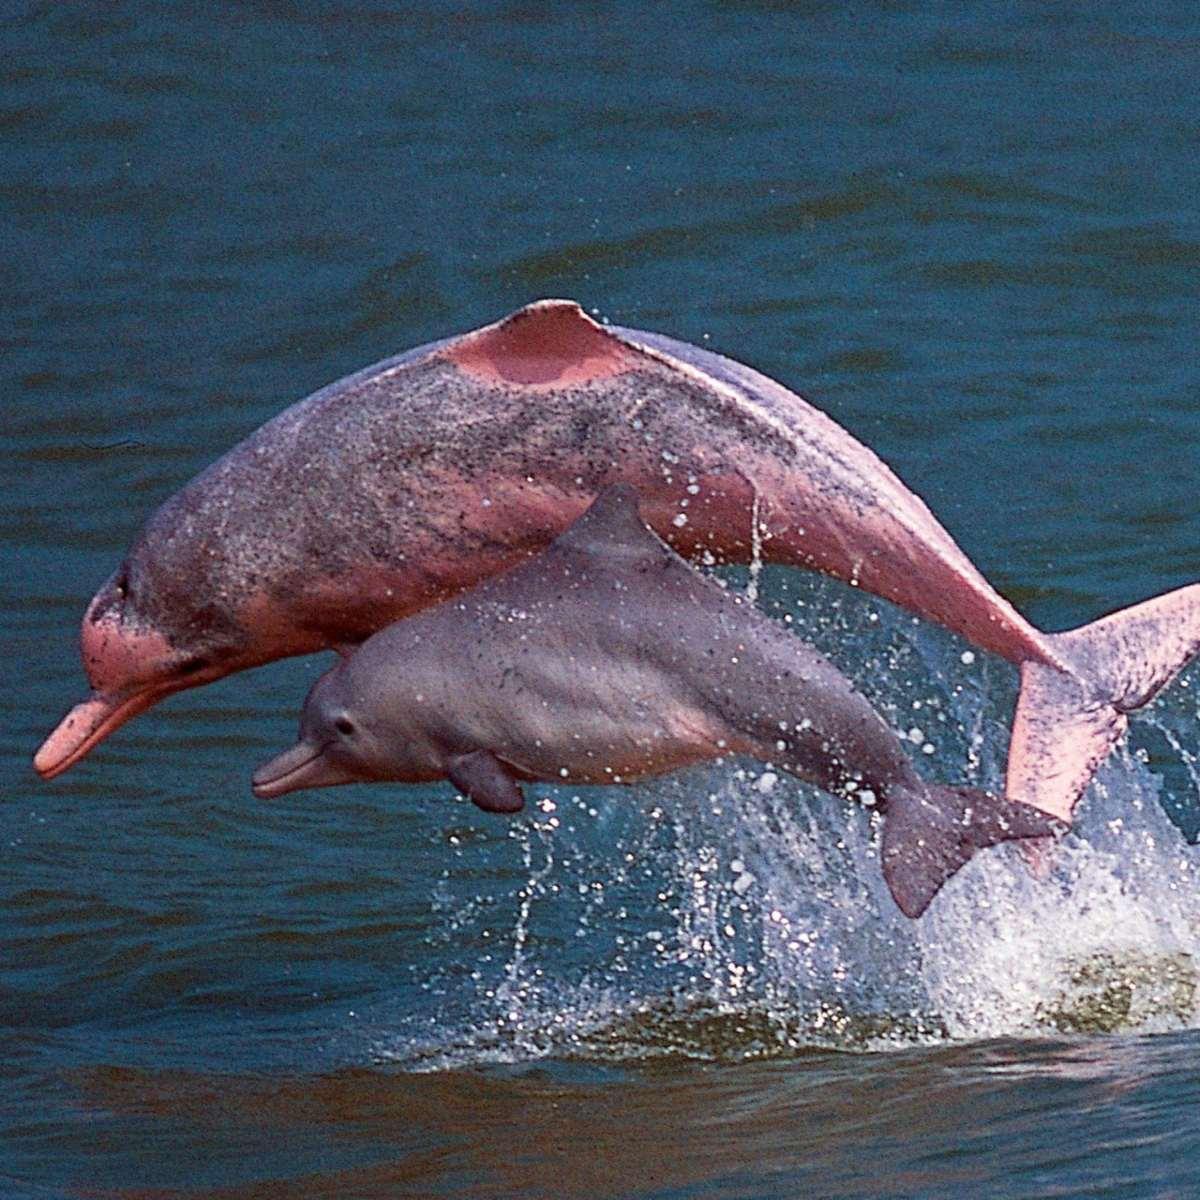 σπάνια ροζ δελφίνια στη θάλασσα